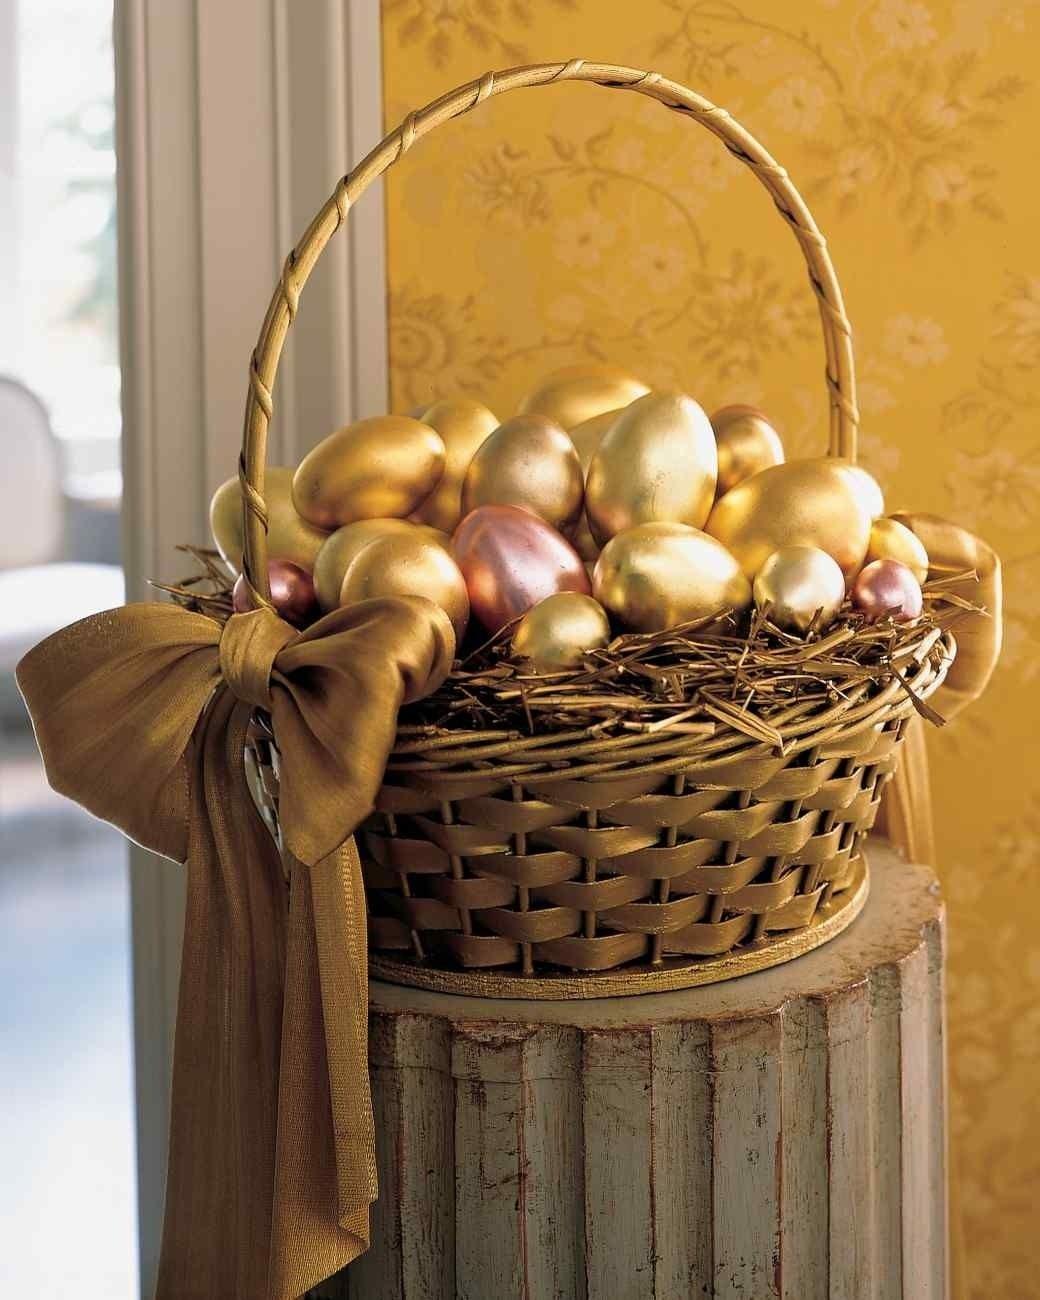 10 Stylish Martha Stewart Gift Basket Ideas 31 awesome easter basket ideas painted baskets sponge painting